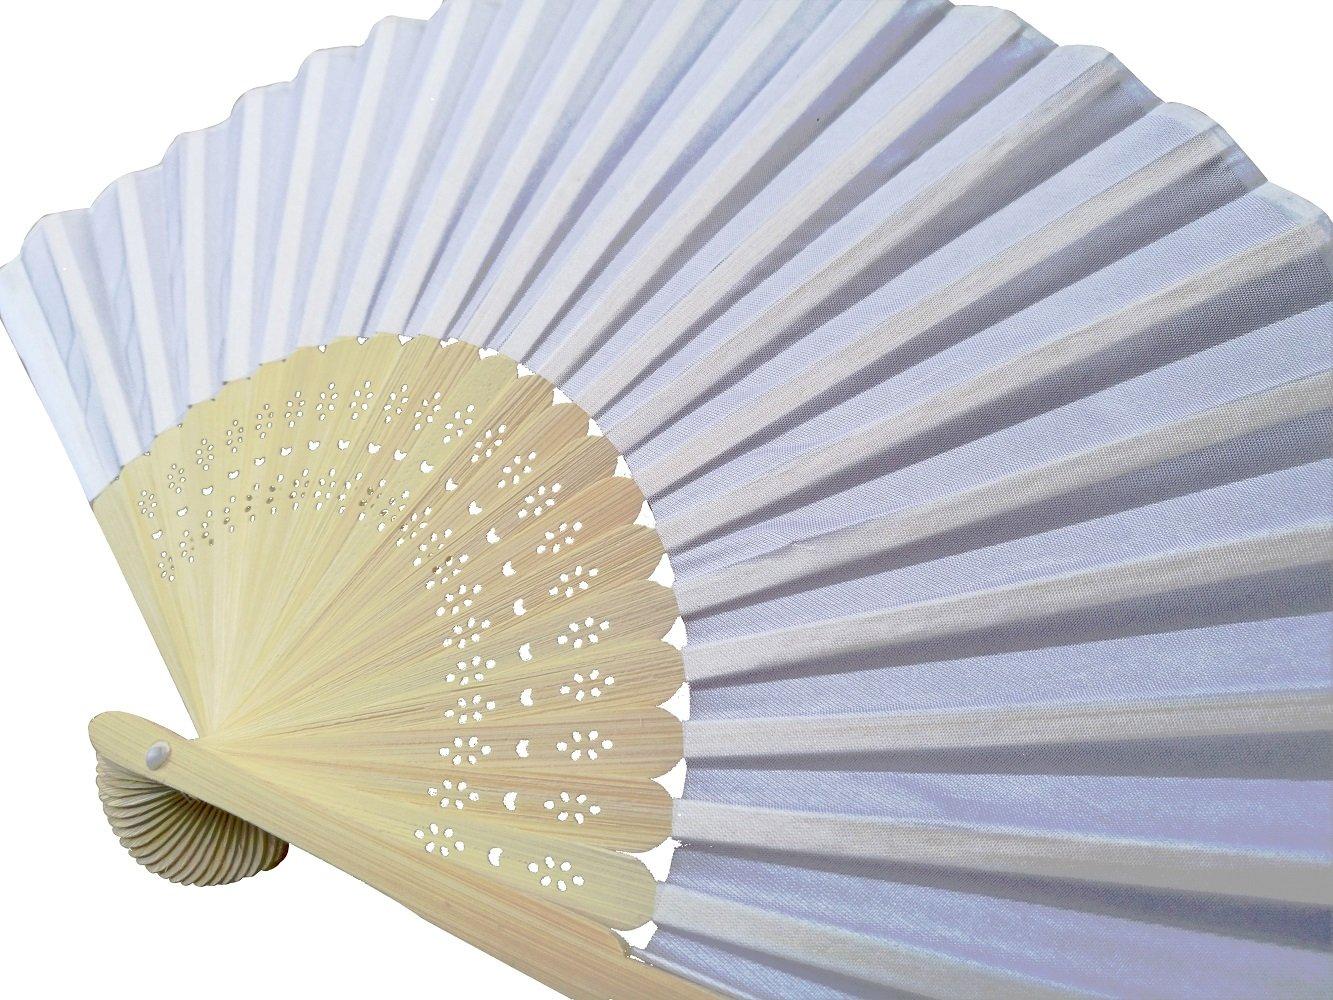 Amazon.com: IGBBLOVE Silk Folding Fan Wedding Party Favor fan- 10 ...